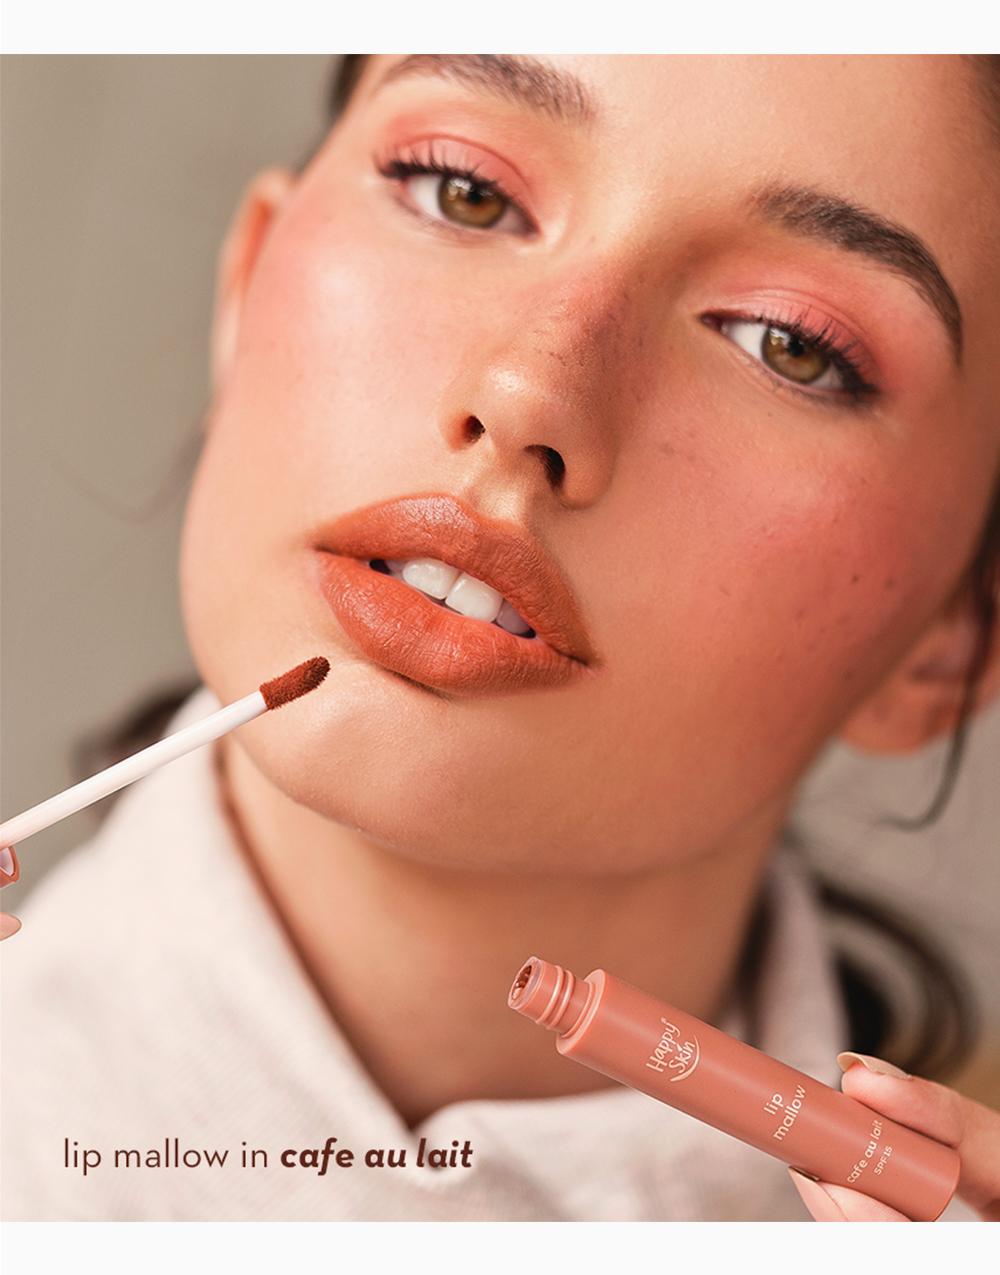 Lip Mallow Mousse by Happy Skin | Café Au Lait